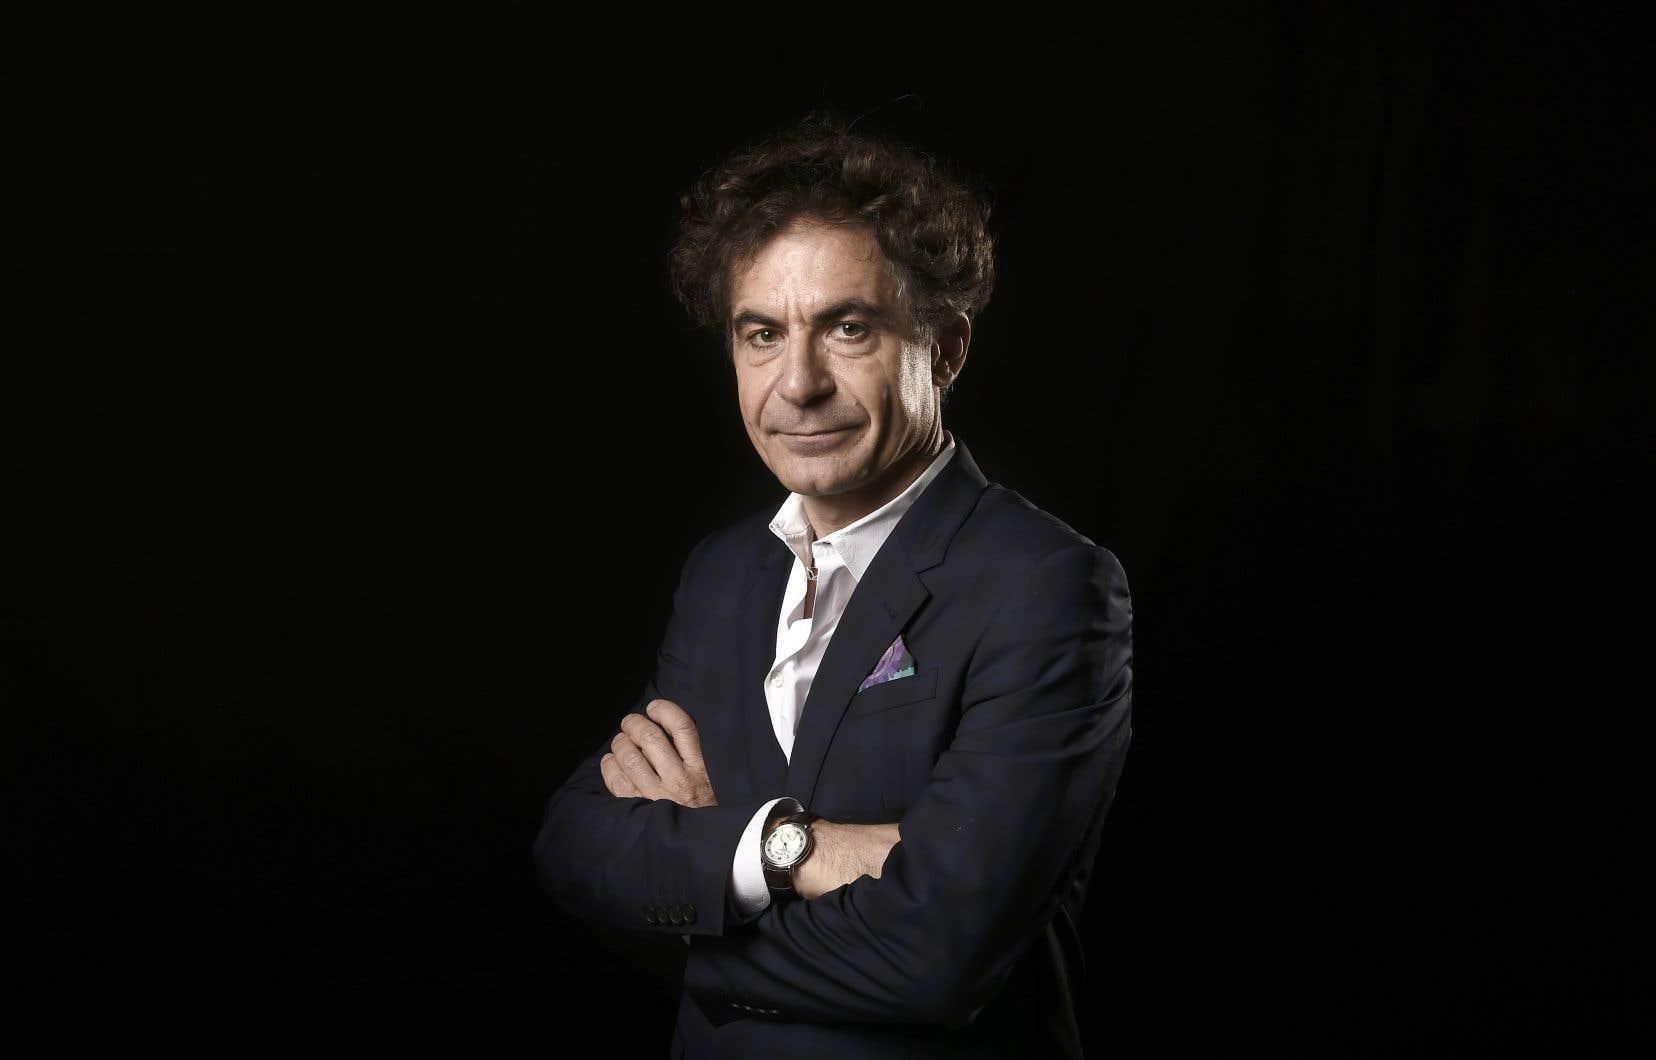 Physicien, mais aussi philosophe des sciences, Étienne Klein est directeur de recherche au Commissariat à l'énergie atomique et aux énergies alternatives (CEA), un grand organisme gouvernemental de recherche scientifique en France.